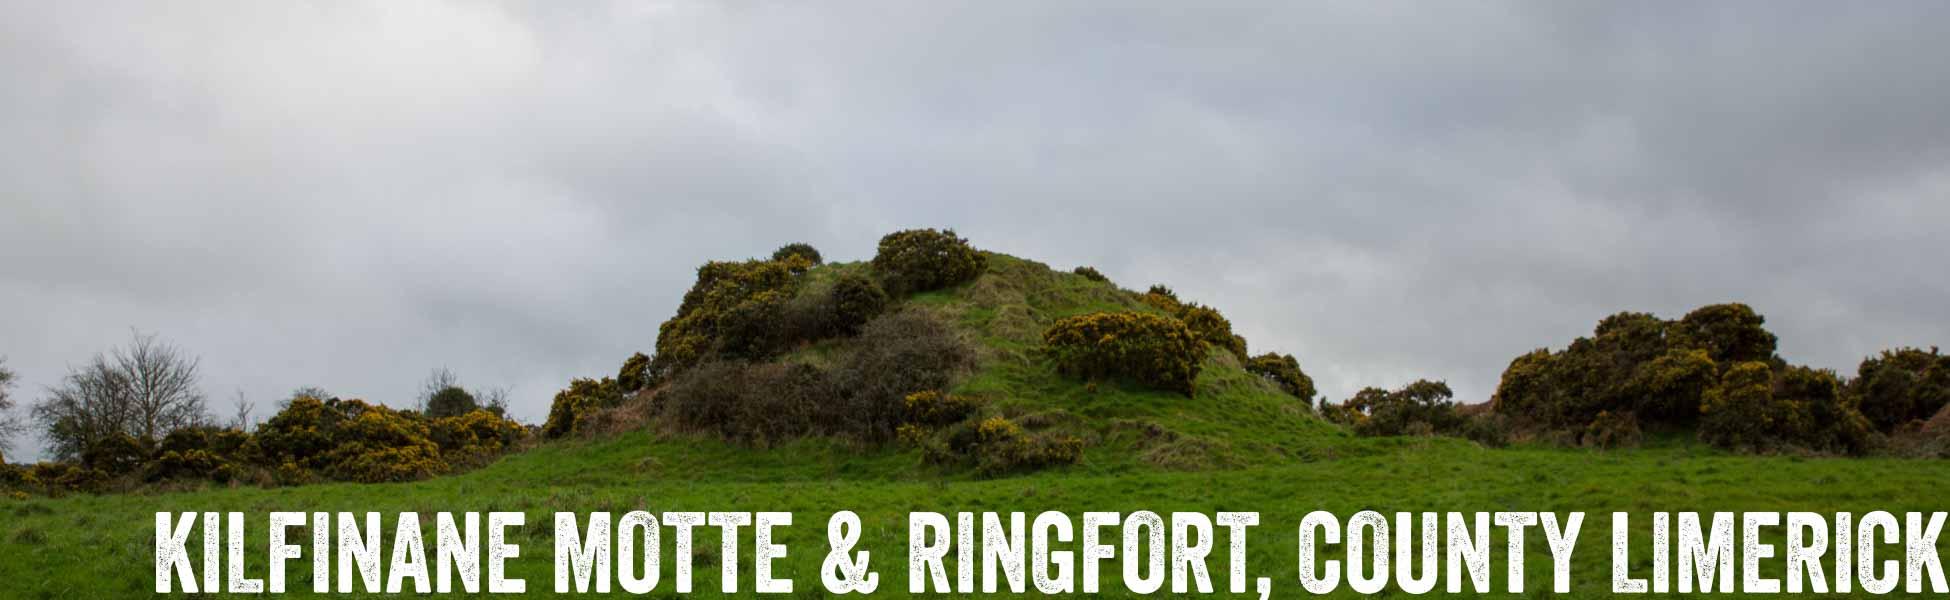 Kilfinane Motte County Limerick